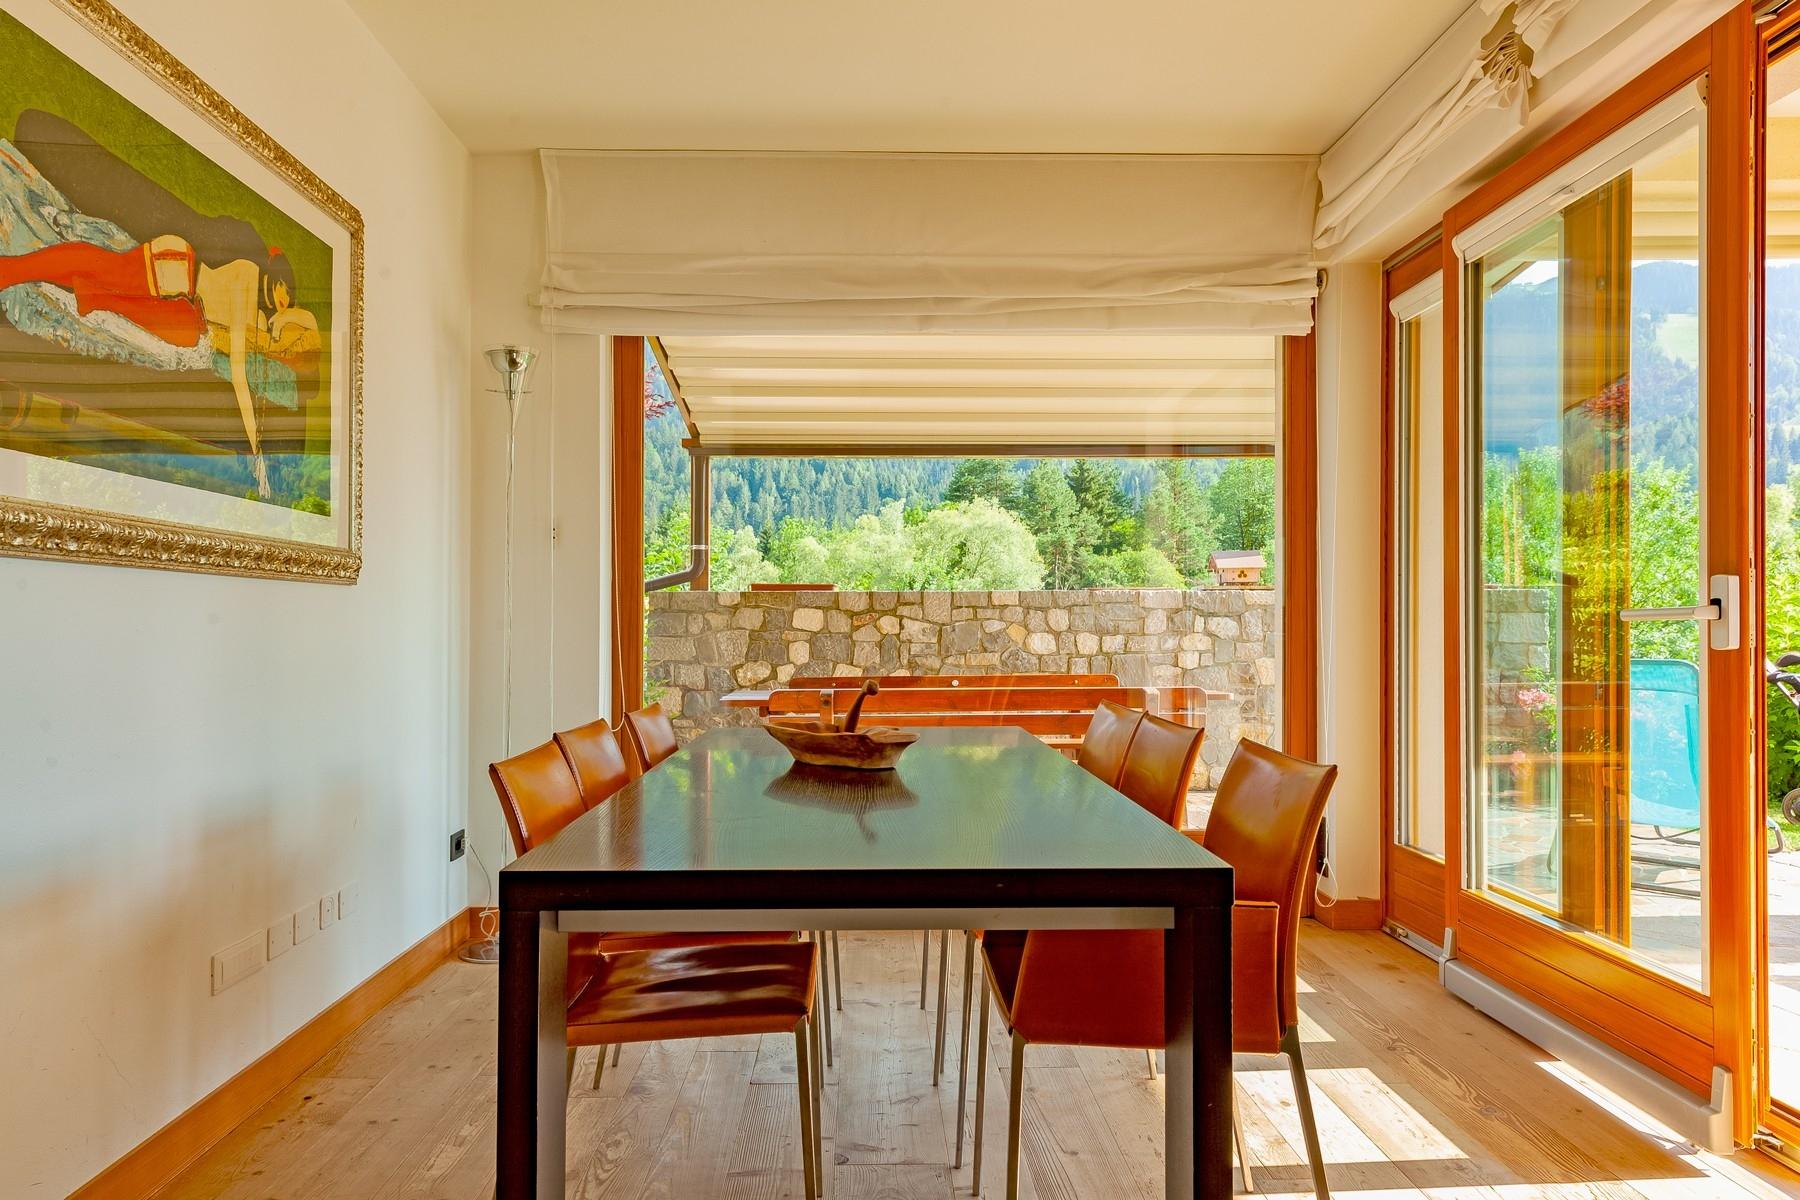 Casa indipendente in Vendita a Tarvisio: 5 locali, 300 mq - Foto 8